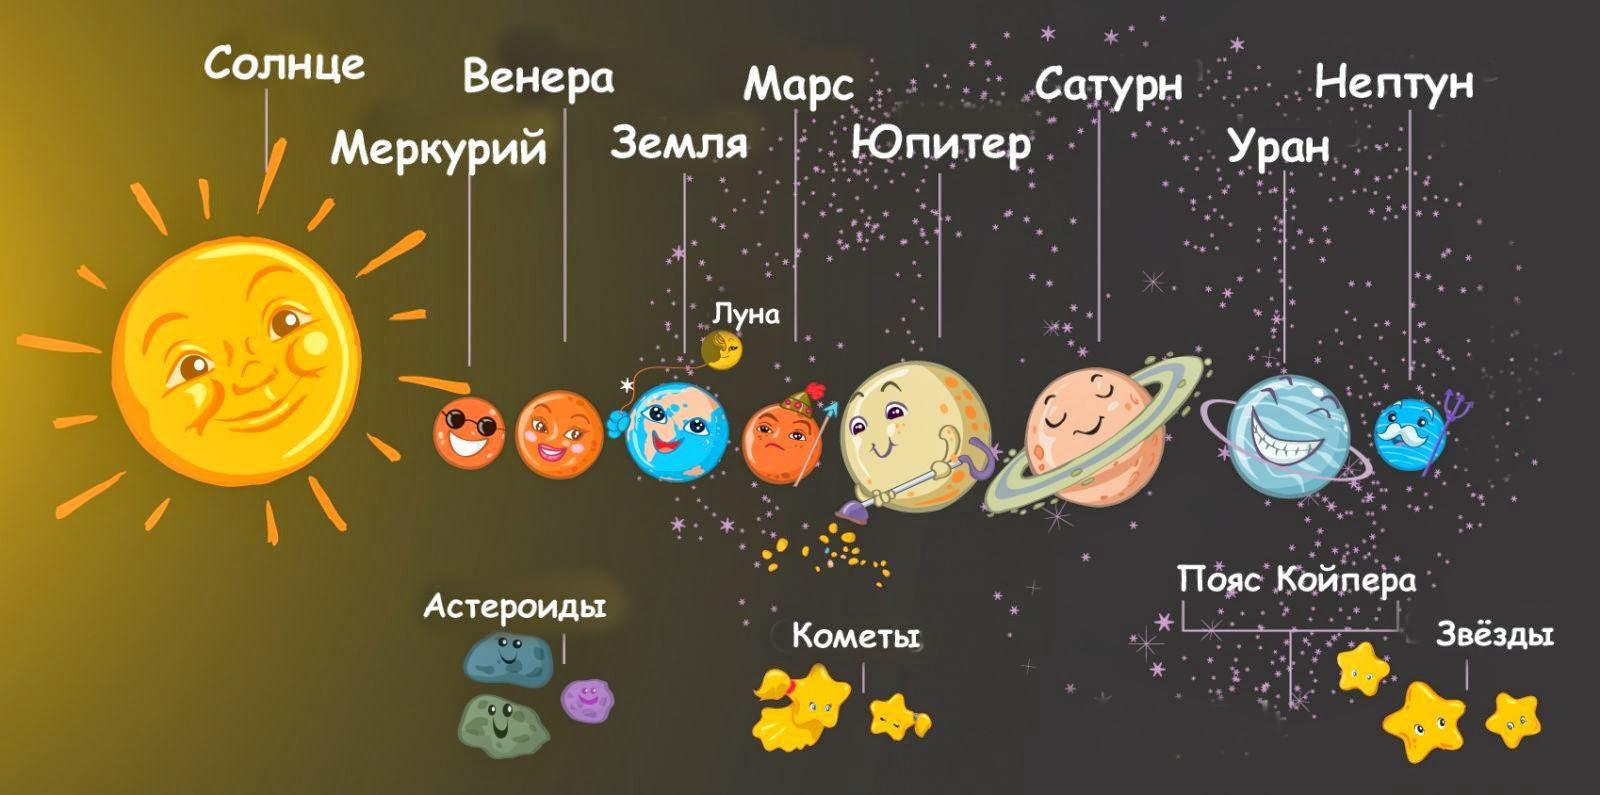 сегодня расположение планет вокруг солнца картинки тем